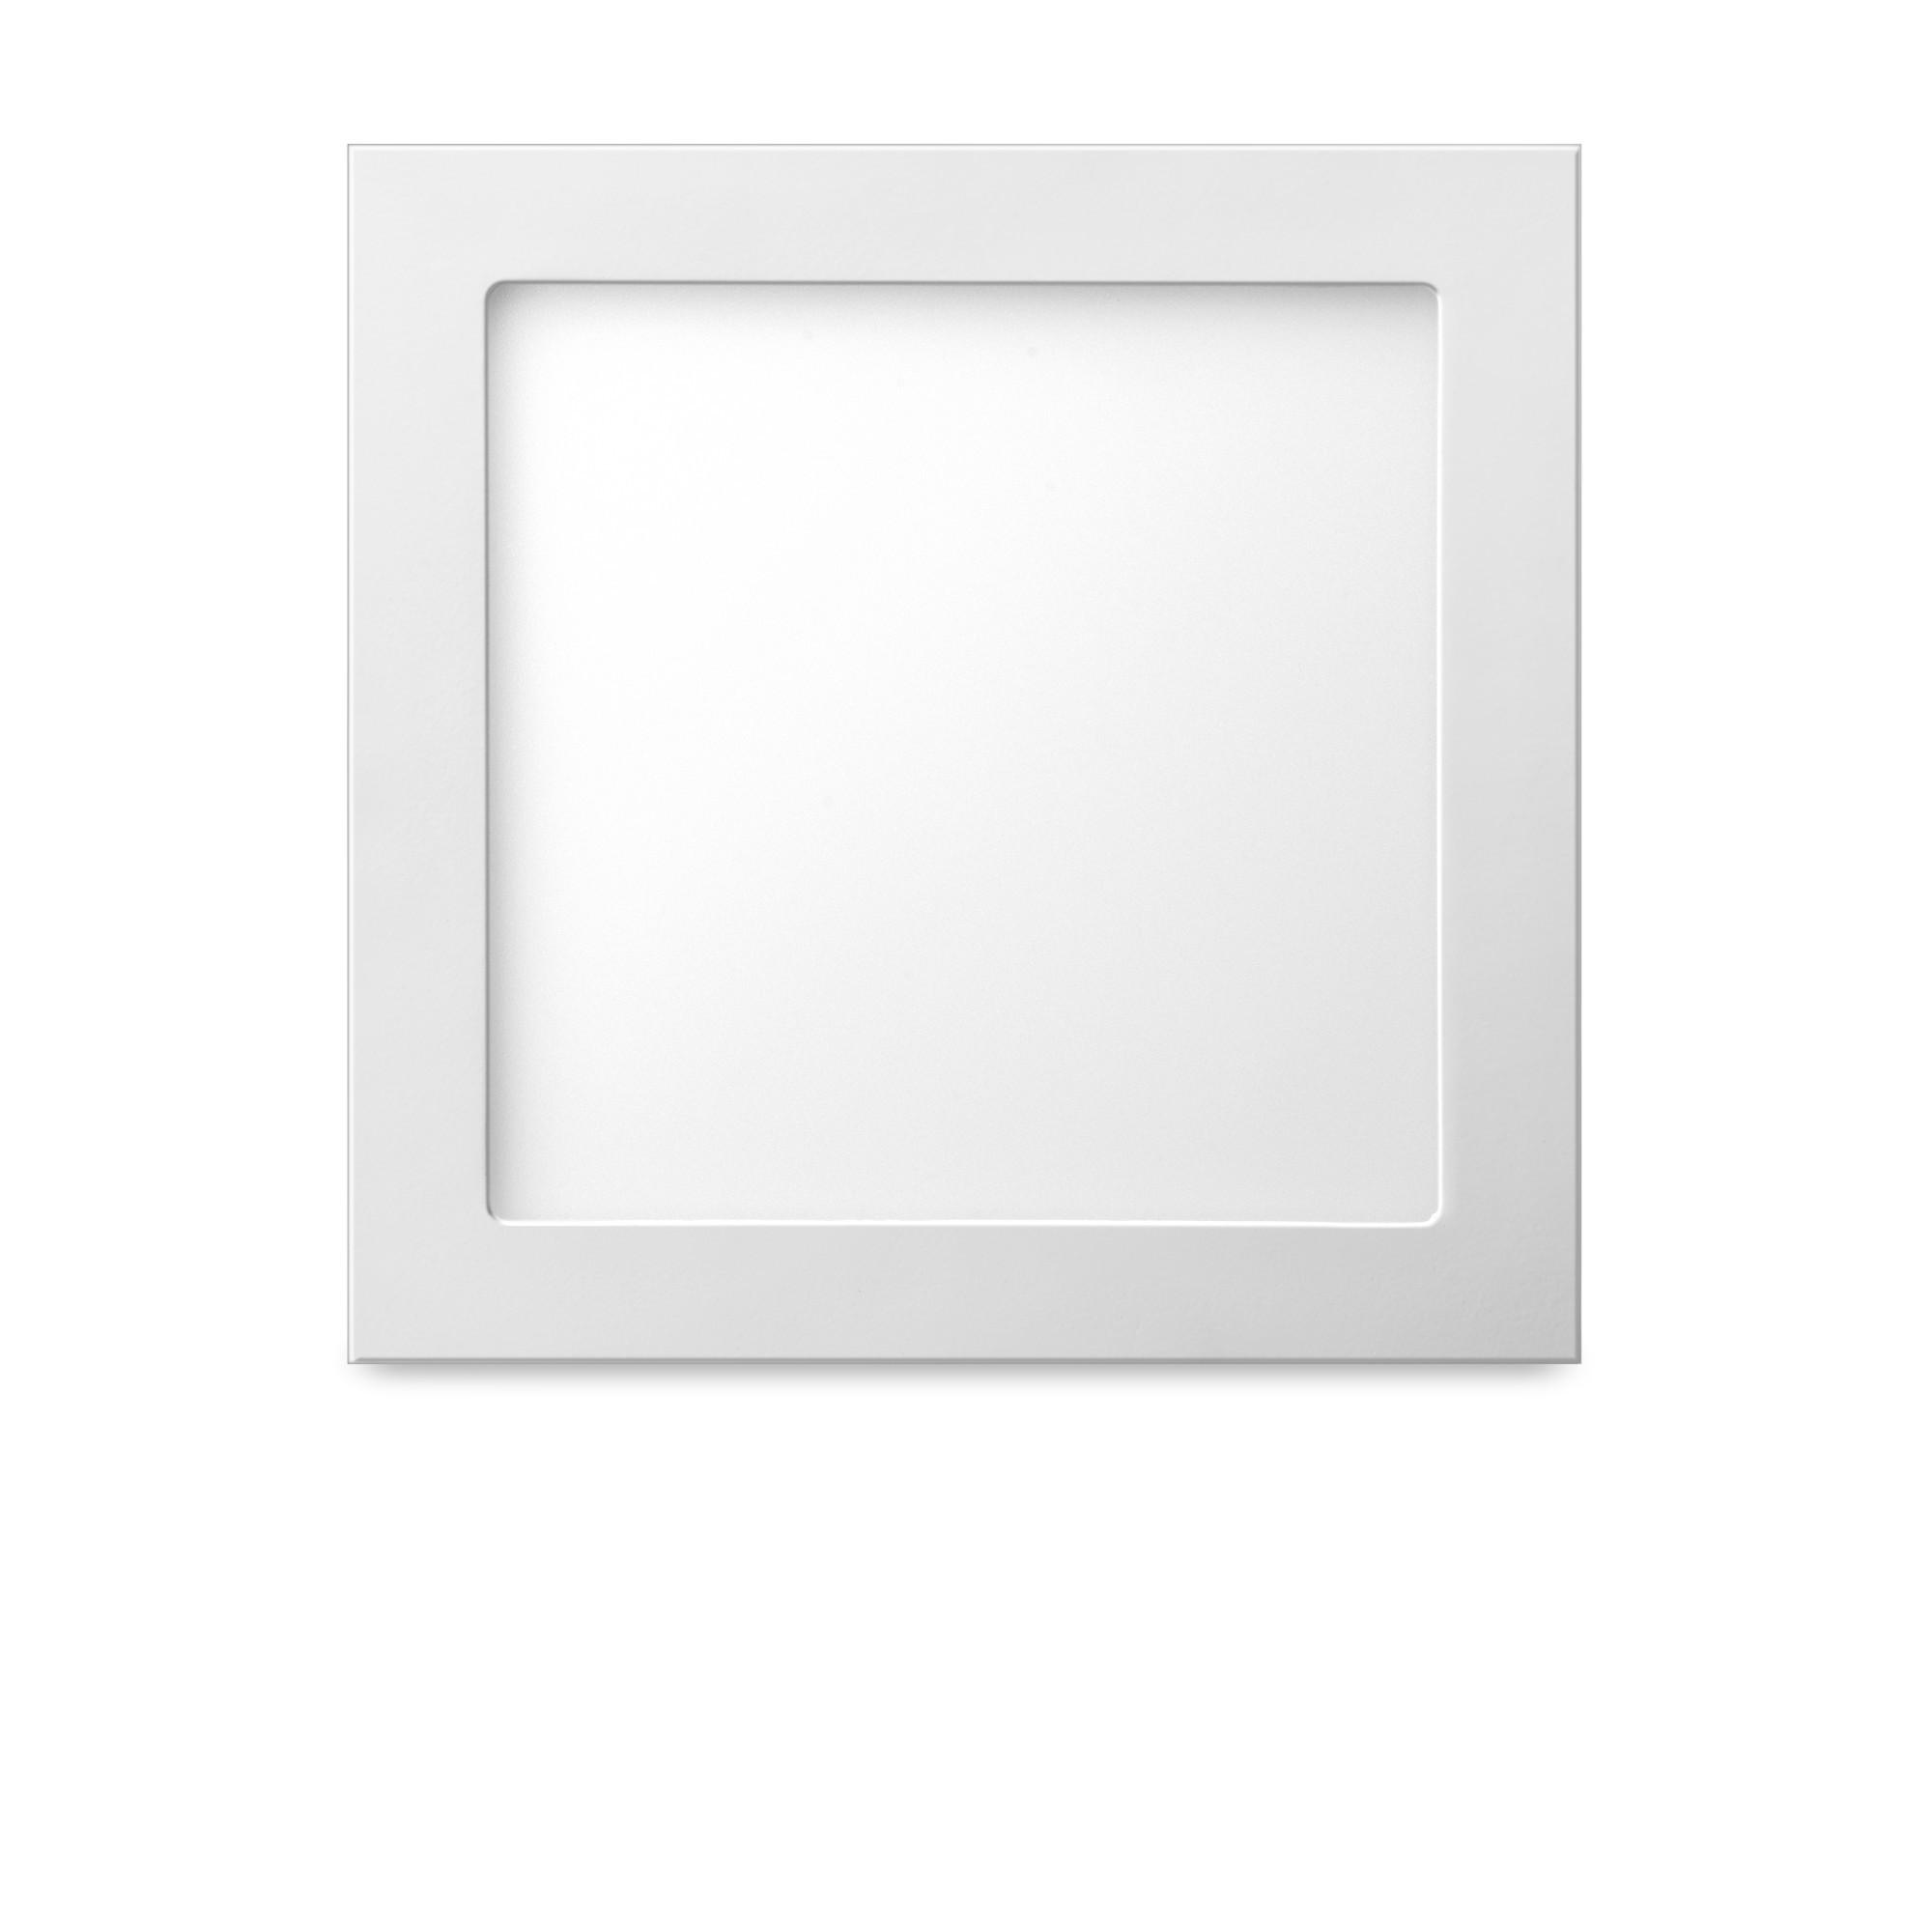 Luminaria LED de Embutir 26x26 cm 18W Luz Amarela - Elgin